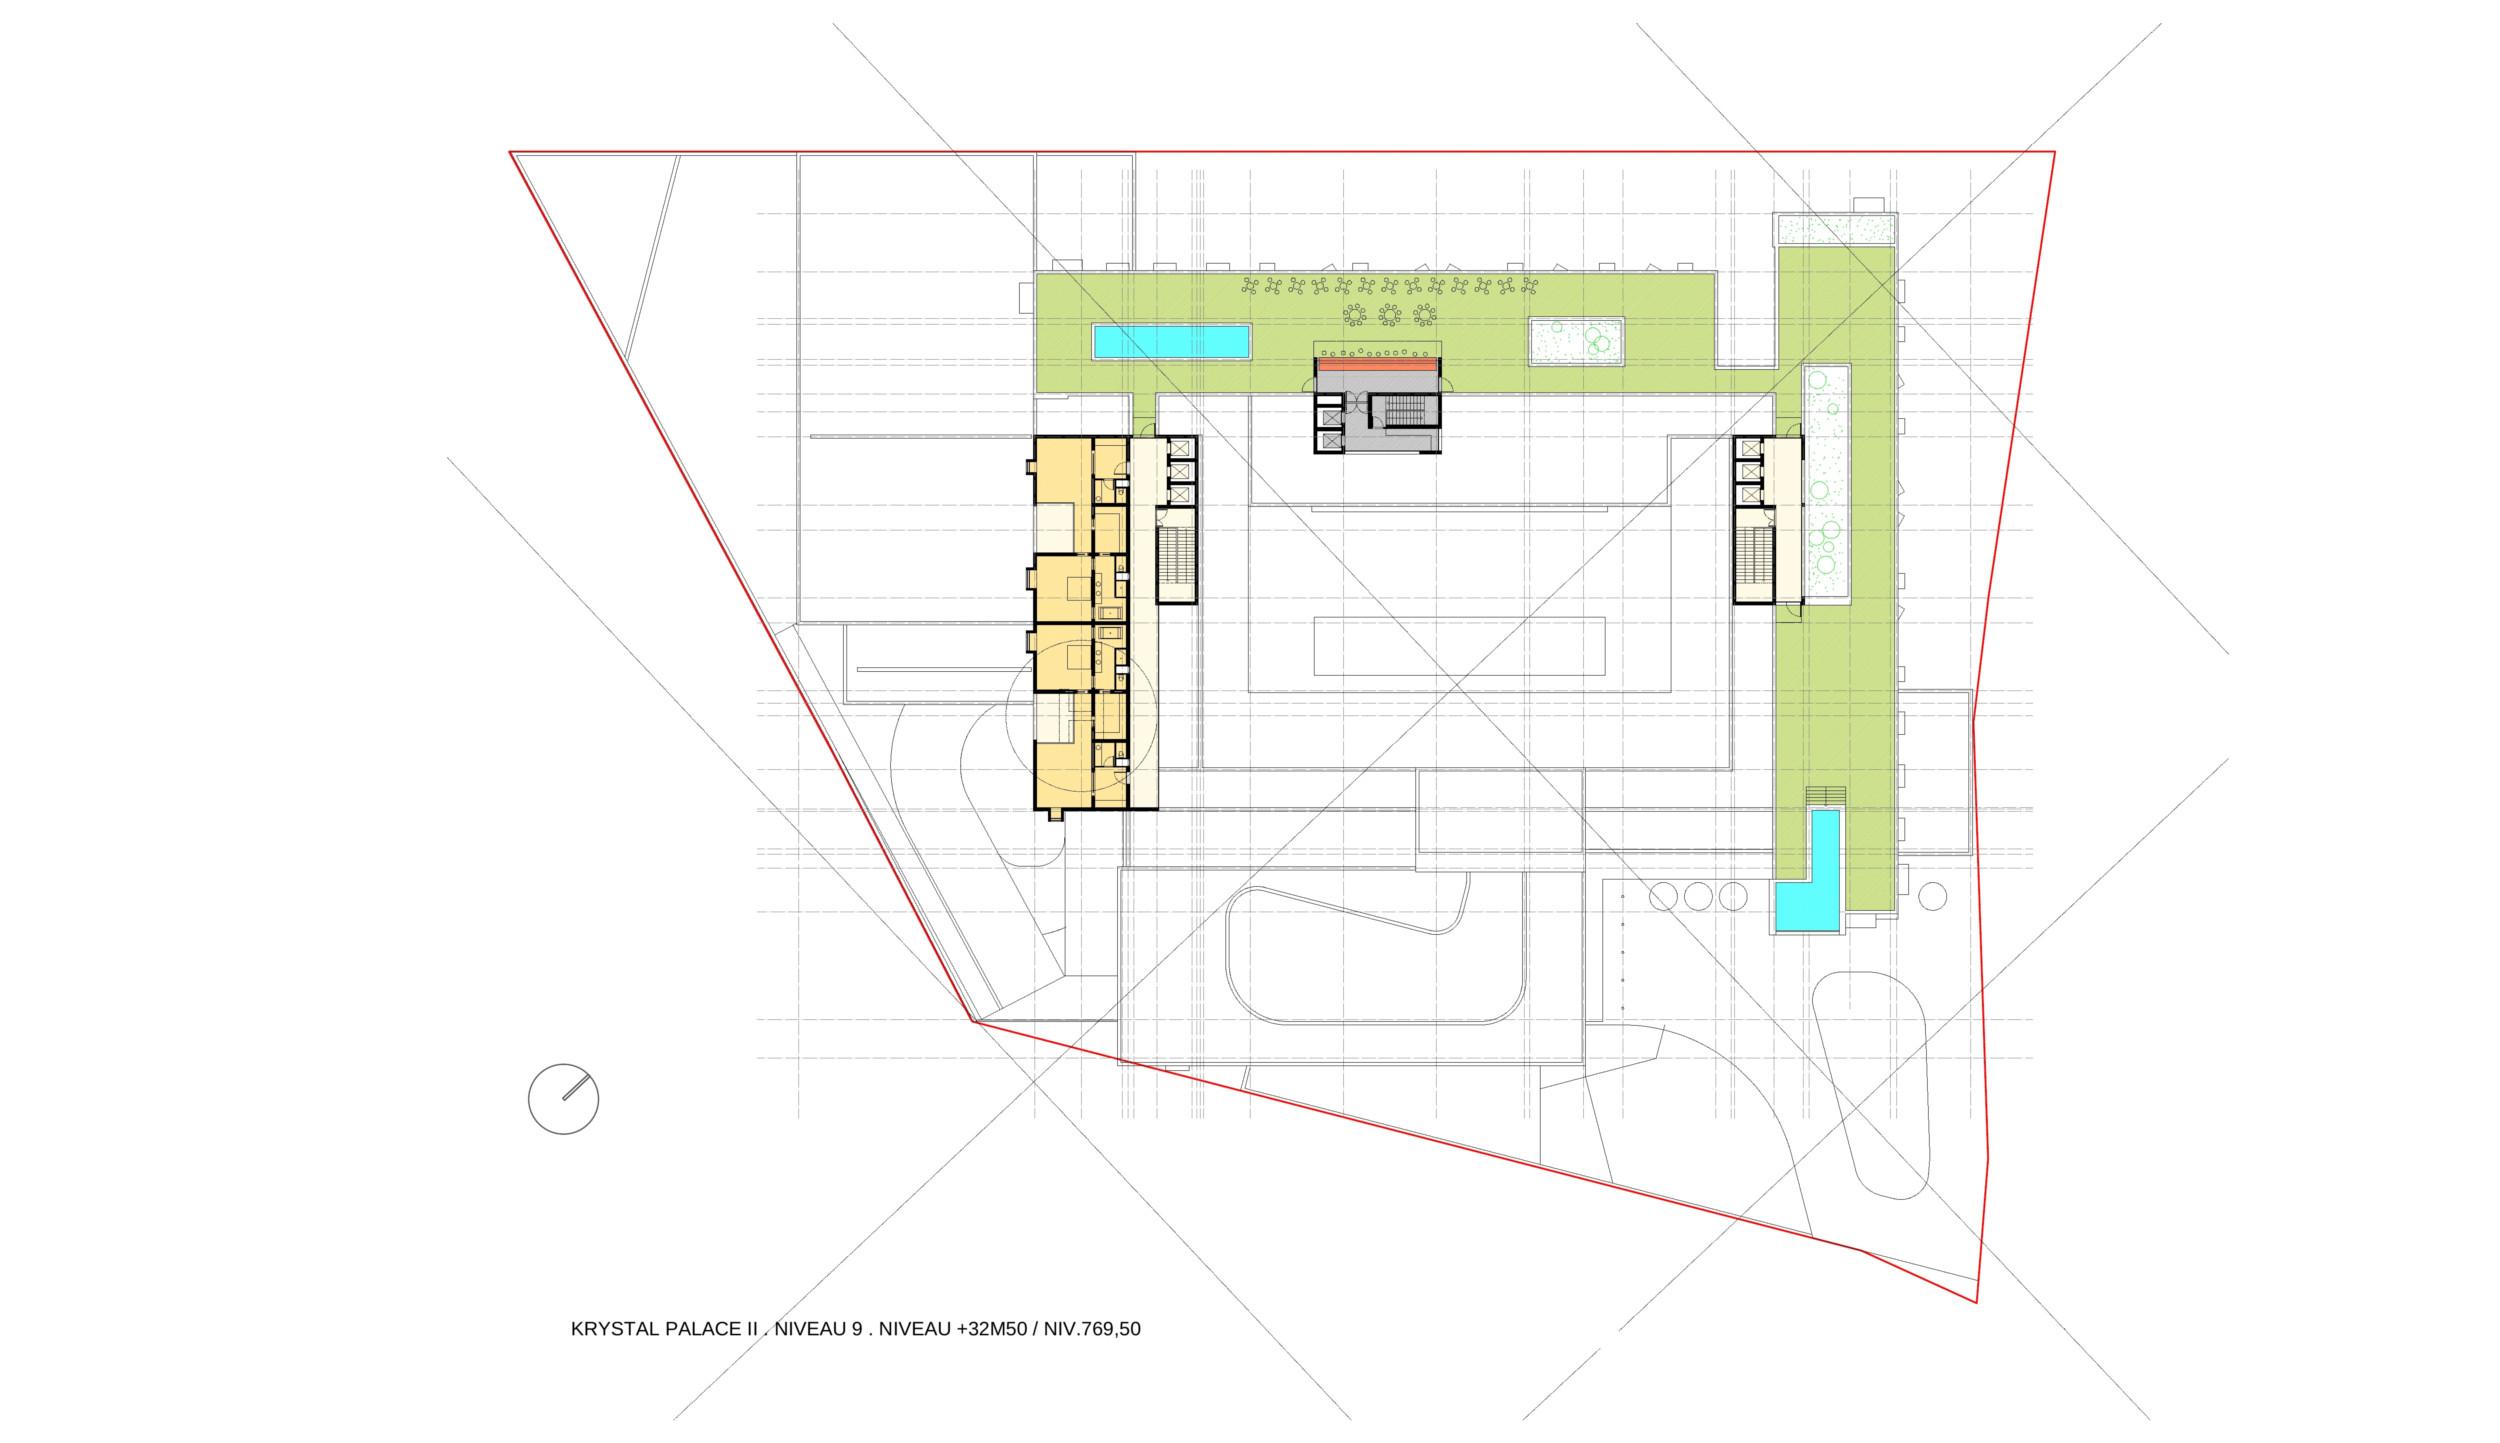 KRYSTAL PALACE-plan-17-n9